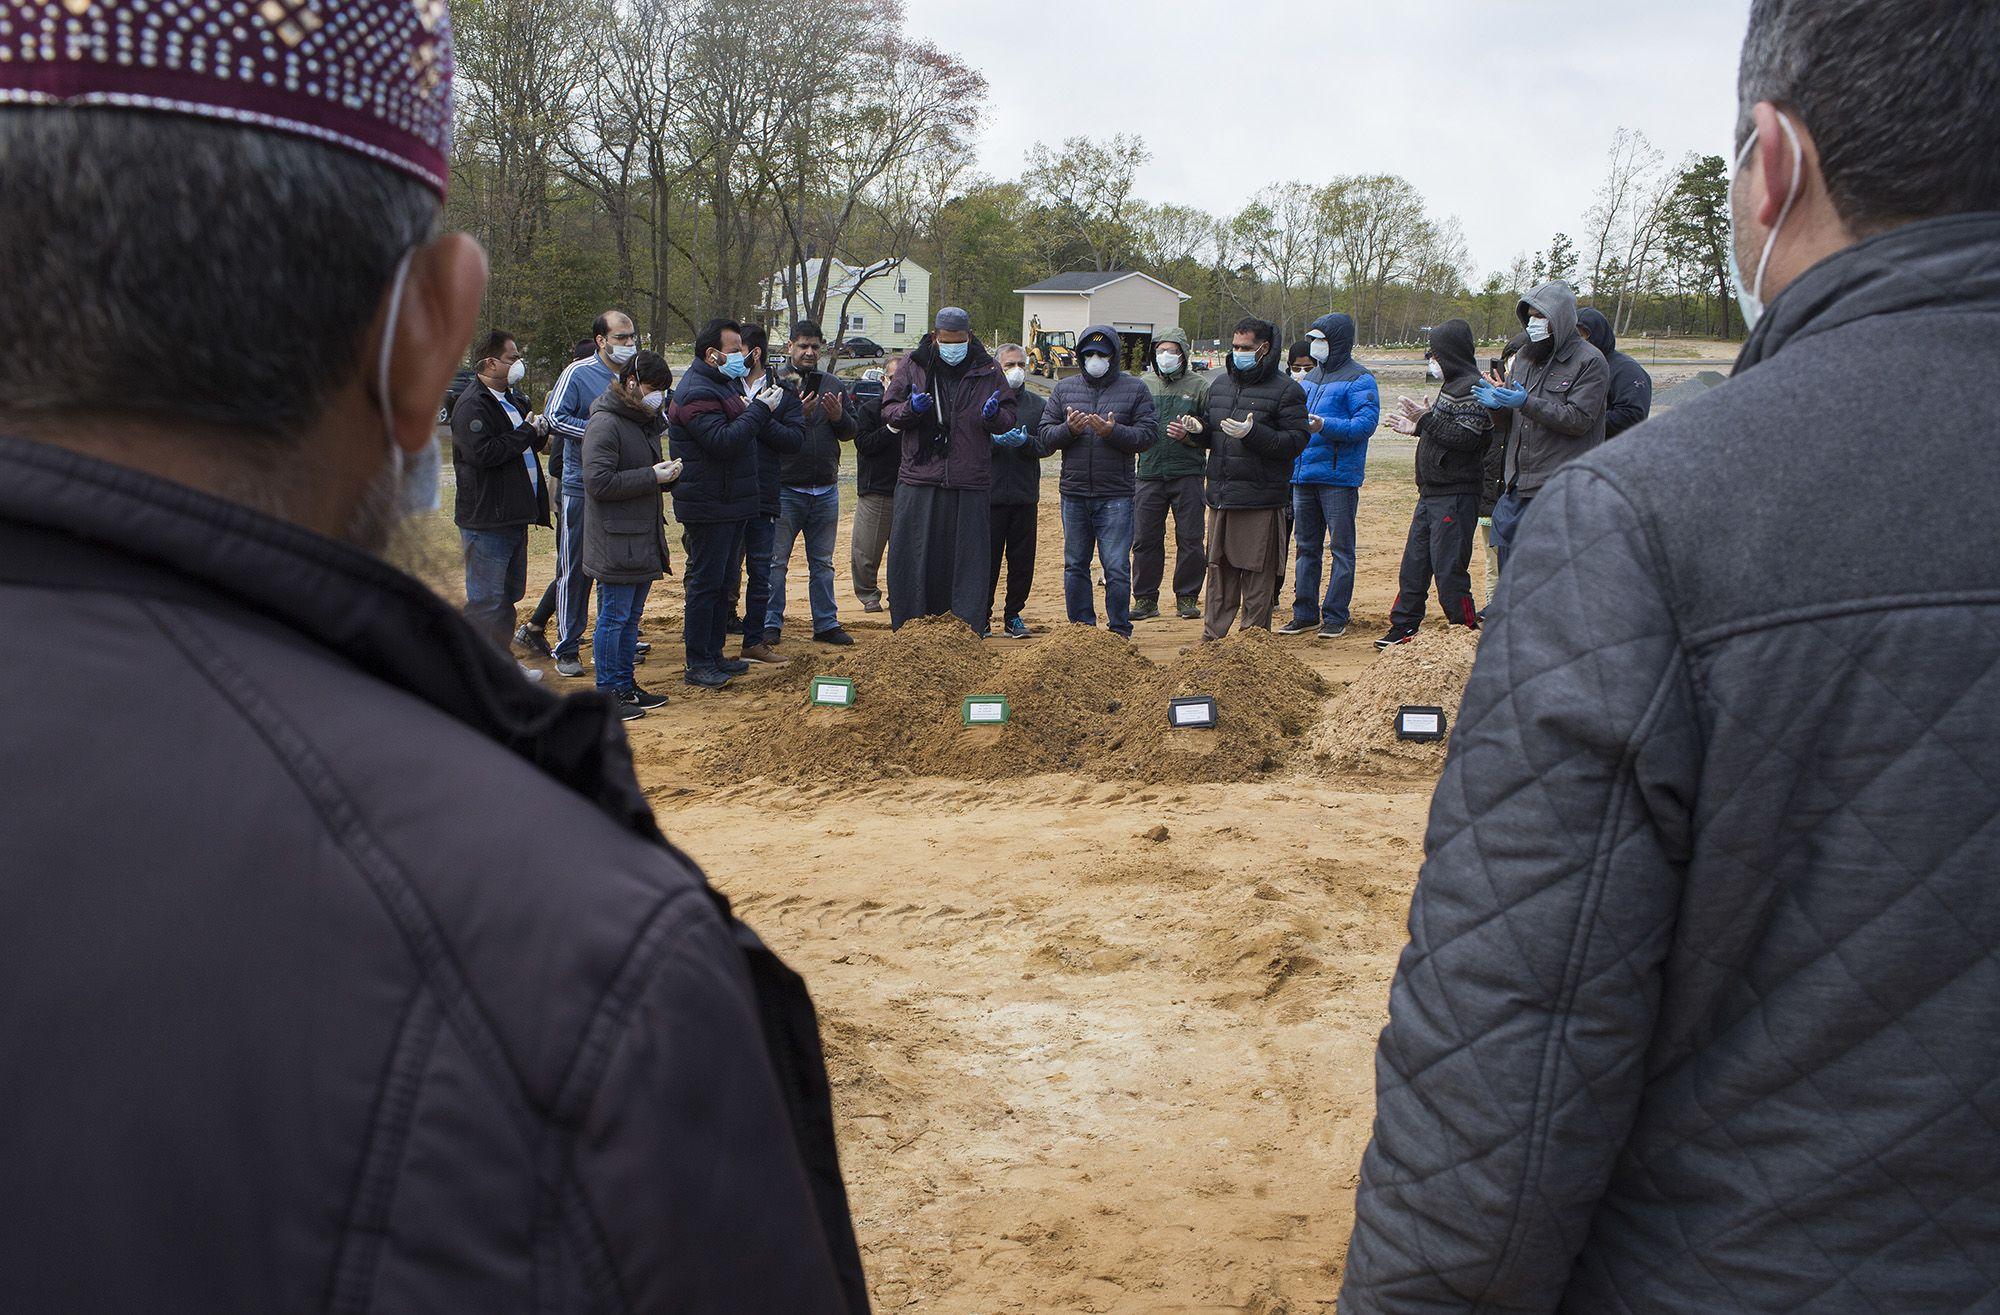 Pakisztáni bevándorlók temetik halottaikat New Yorkban (fotó: Andrew Lichtenstein/Corbis via Getty Images)